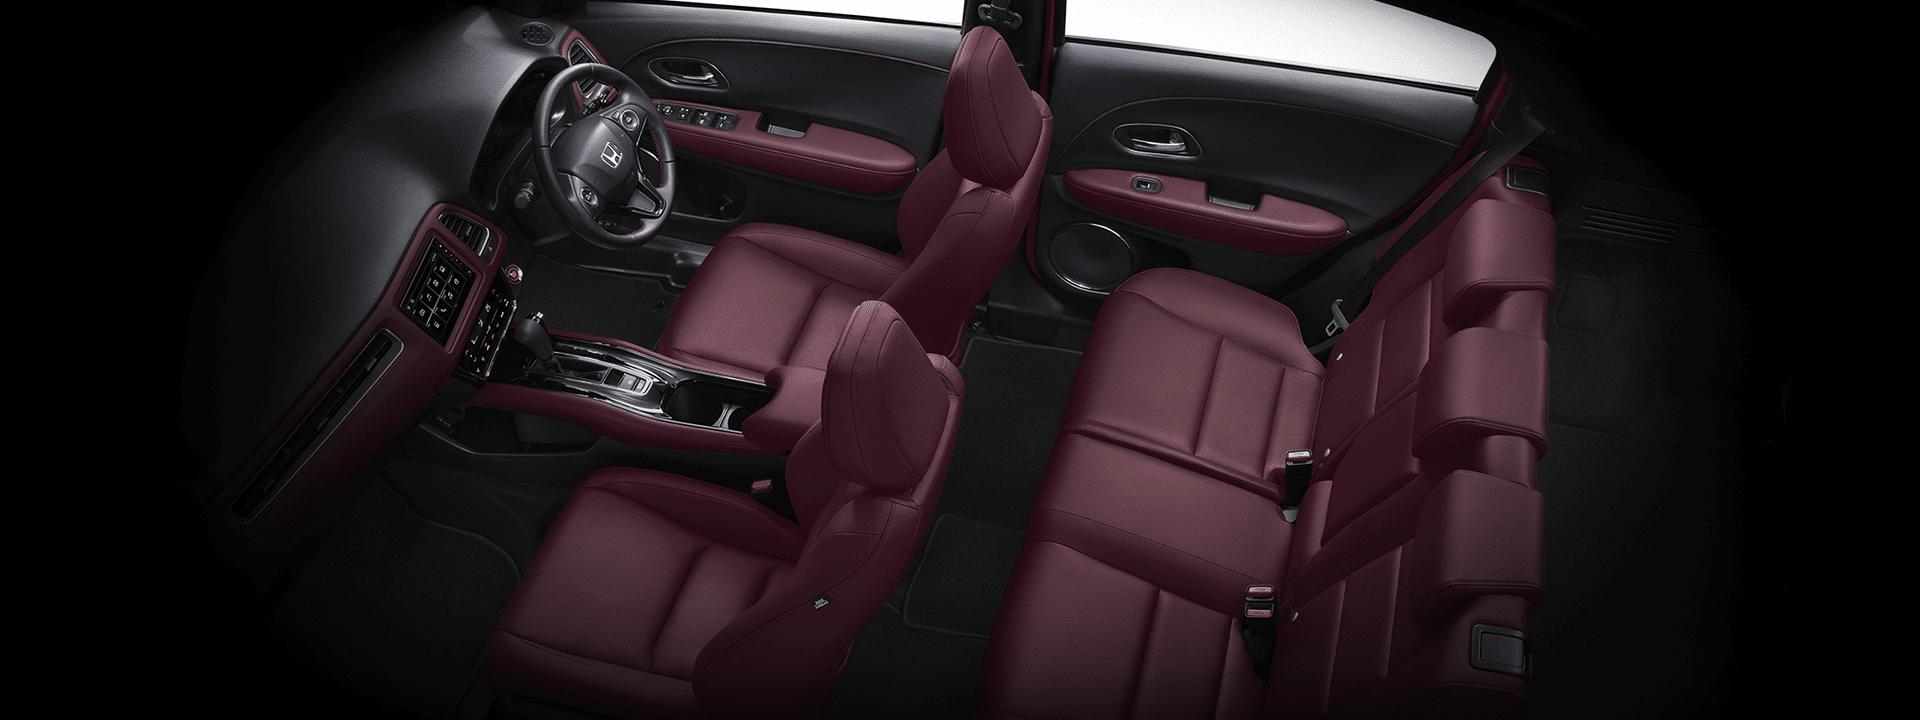 ภายใน Honda HRV 2021